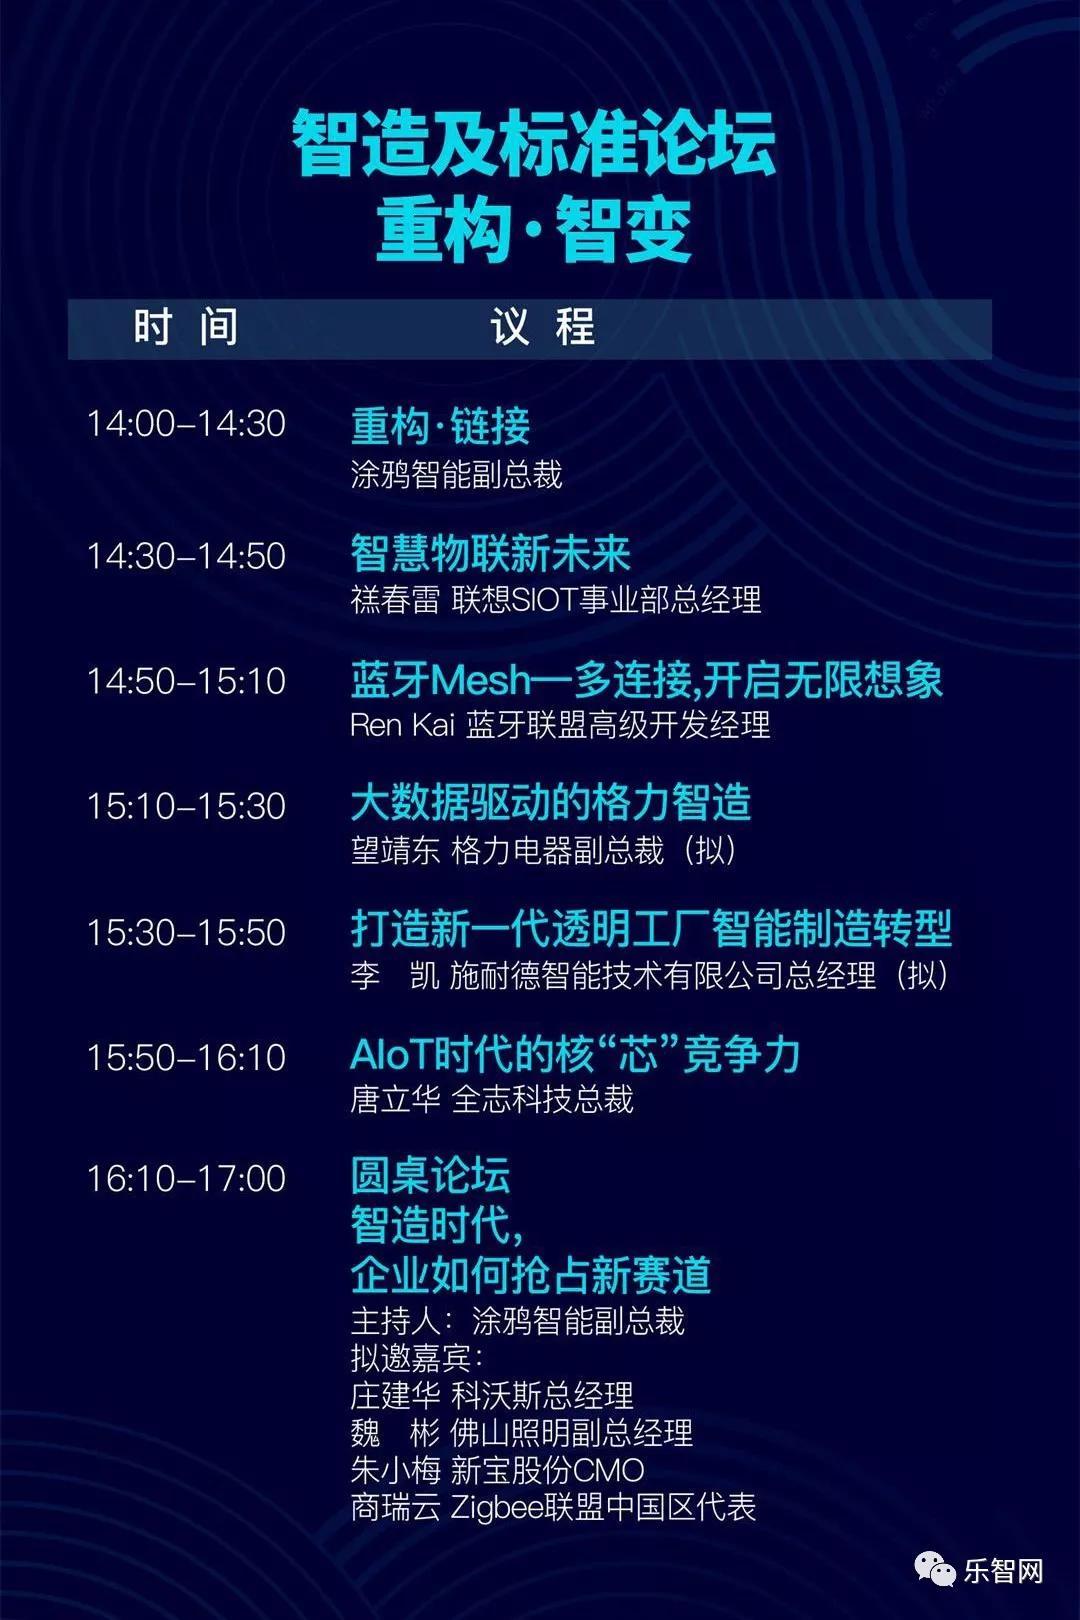 乐智网,智能家居,智能门锁,涂鸦,全球智能化商业峰会